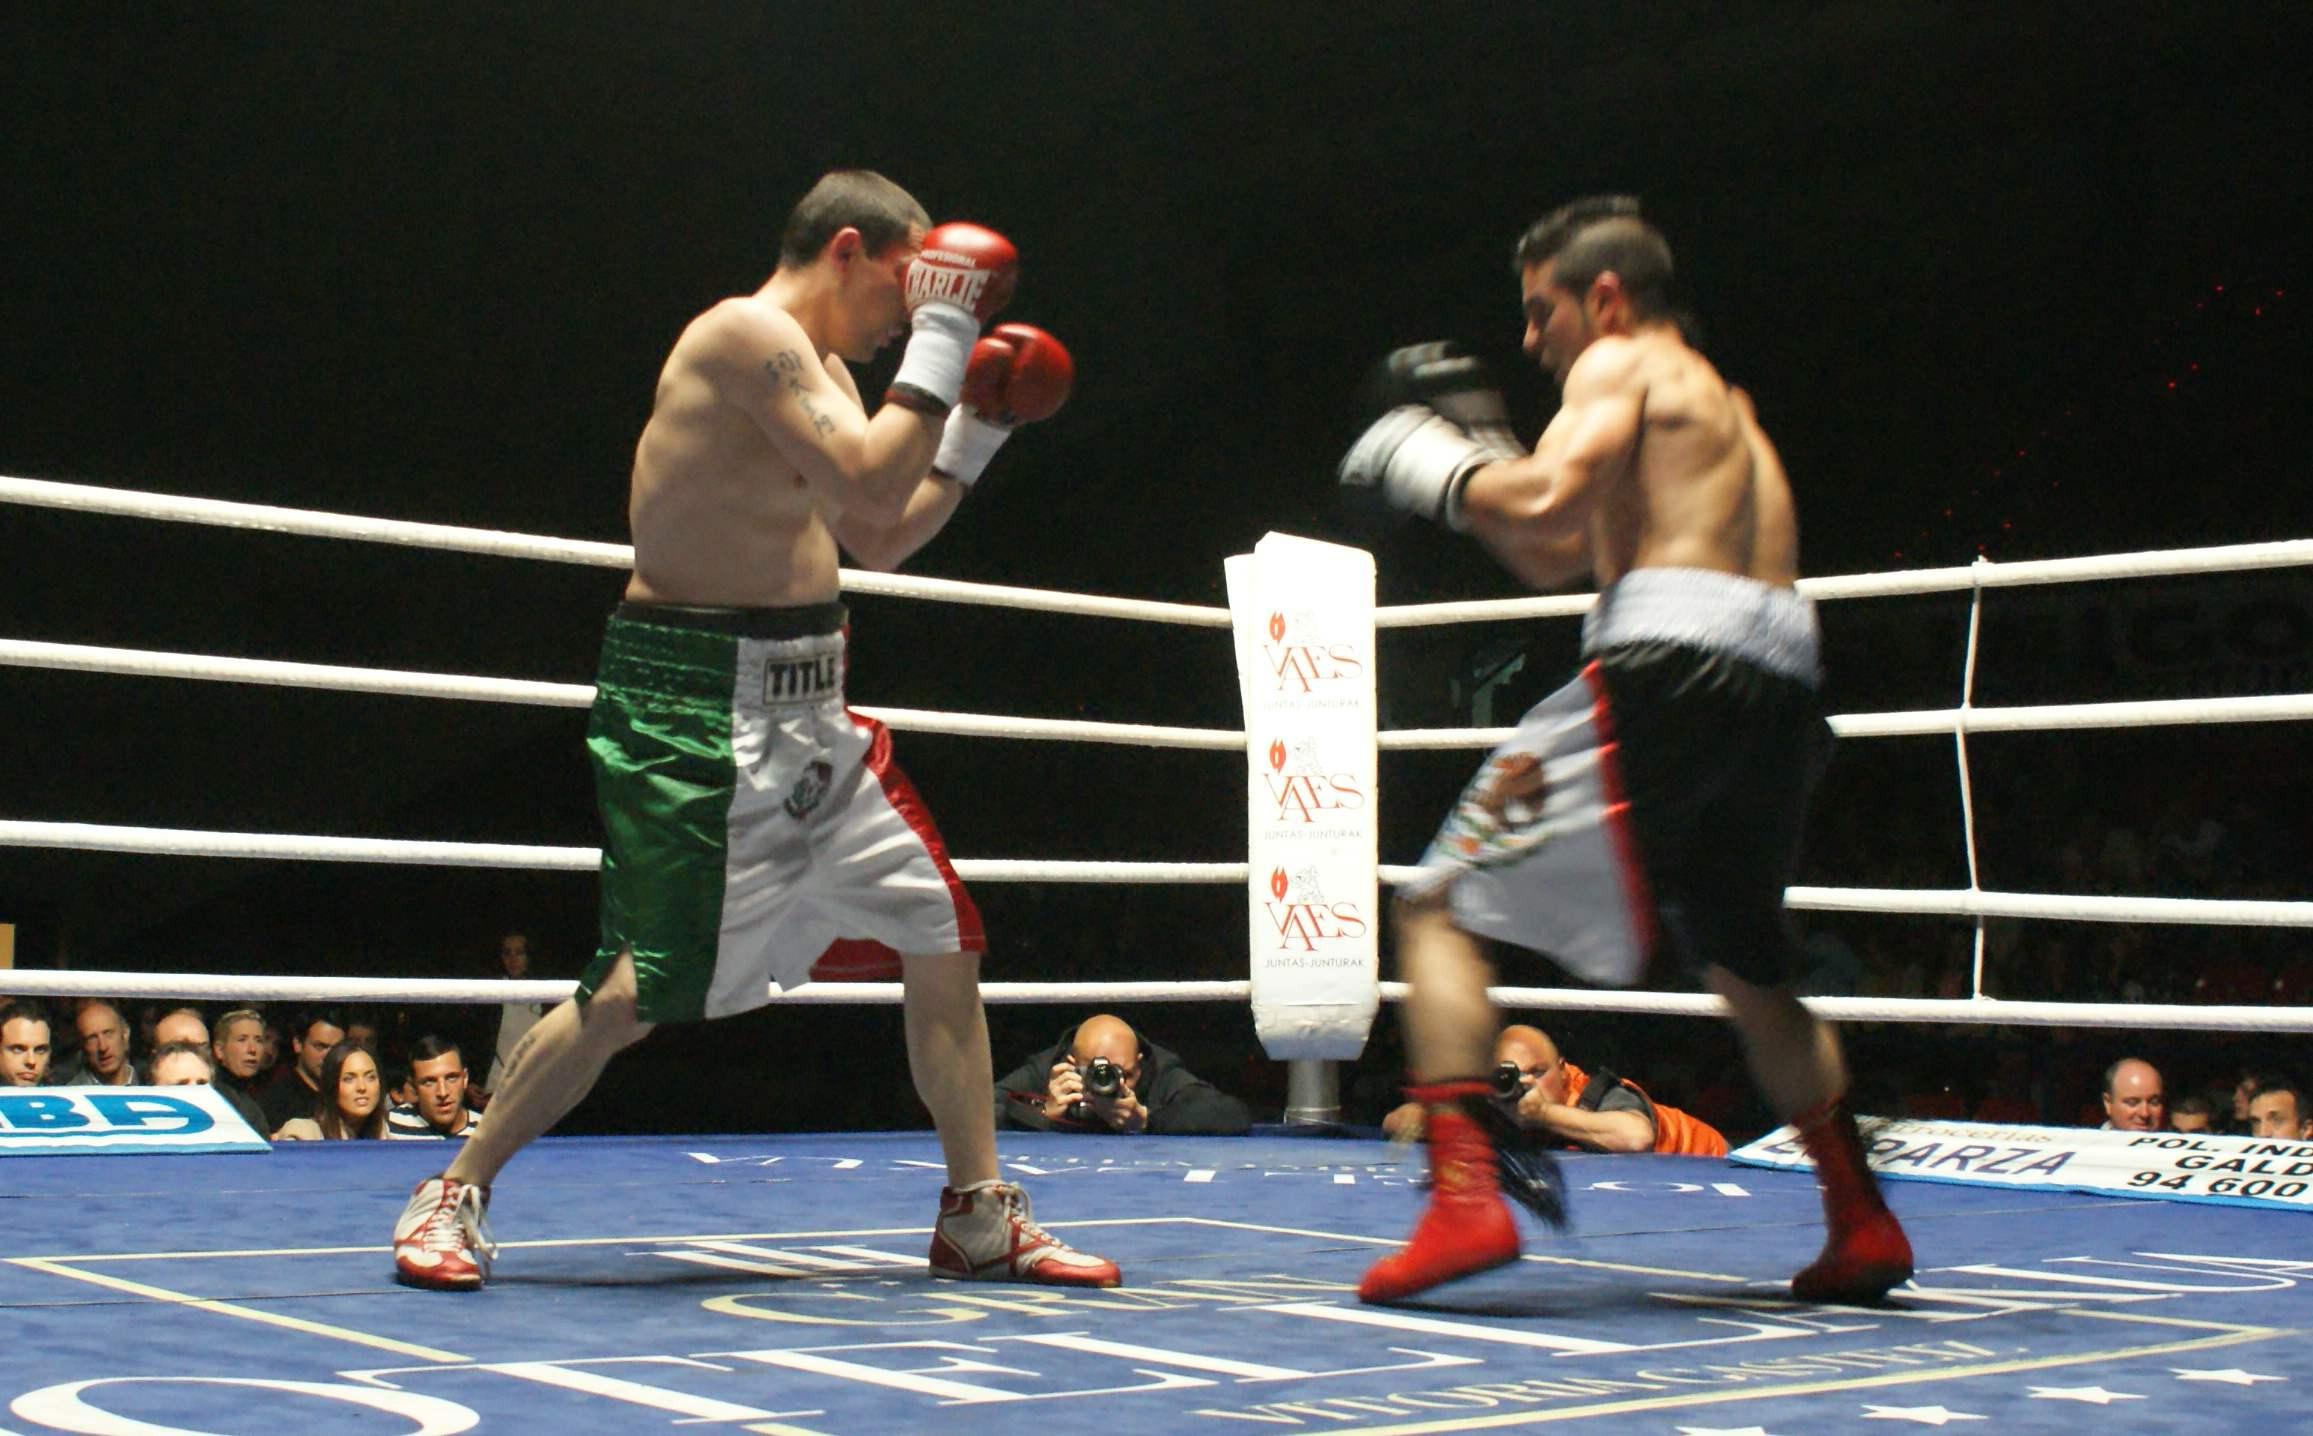 Boxeo profesional en Bilbao: Andoni Gago y Daniel Bueno